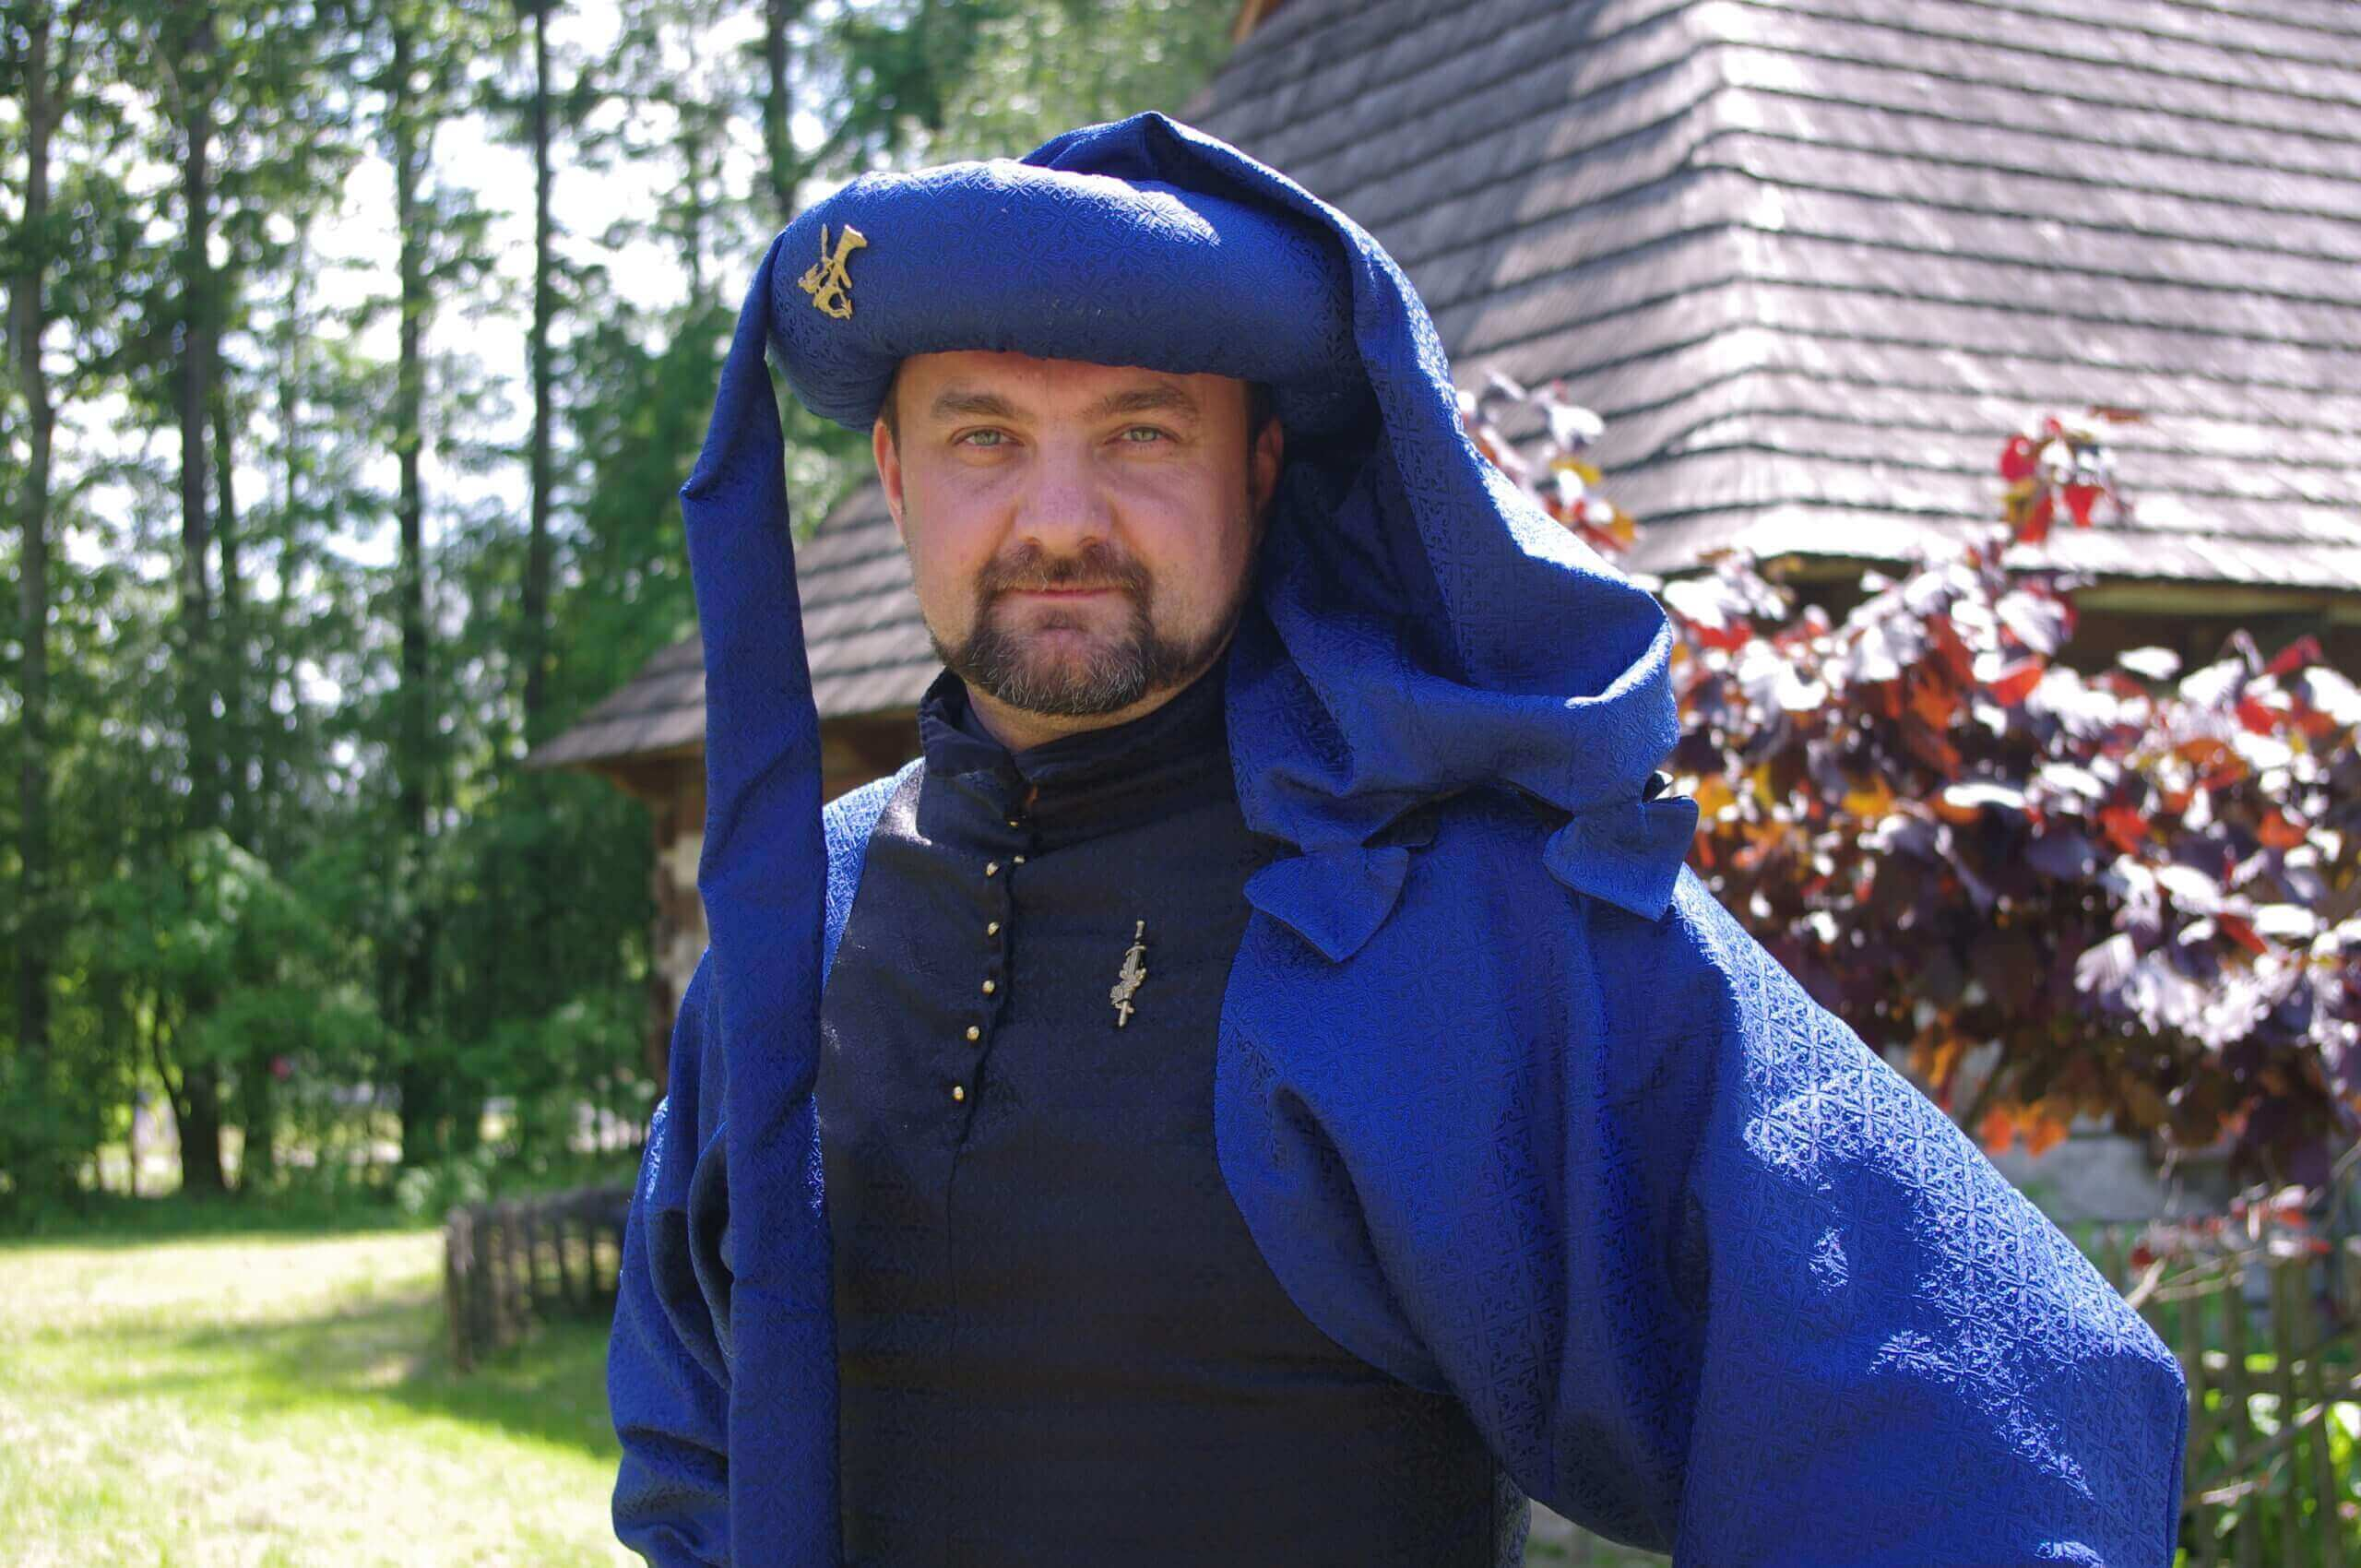 rycerz w stroju średniowiecznym podczas imprezy historycznej